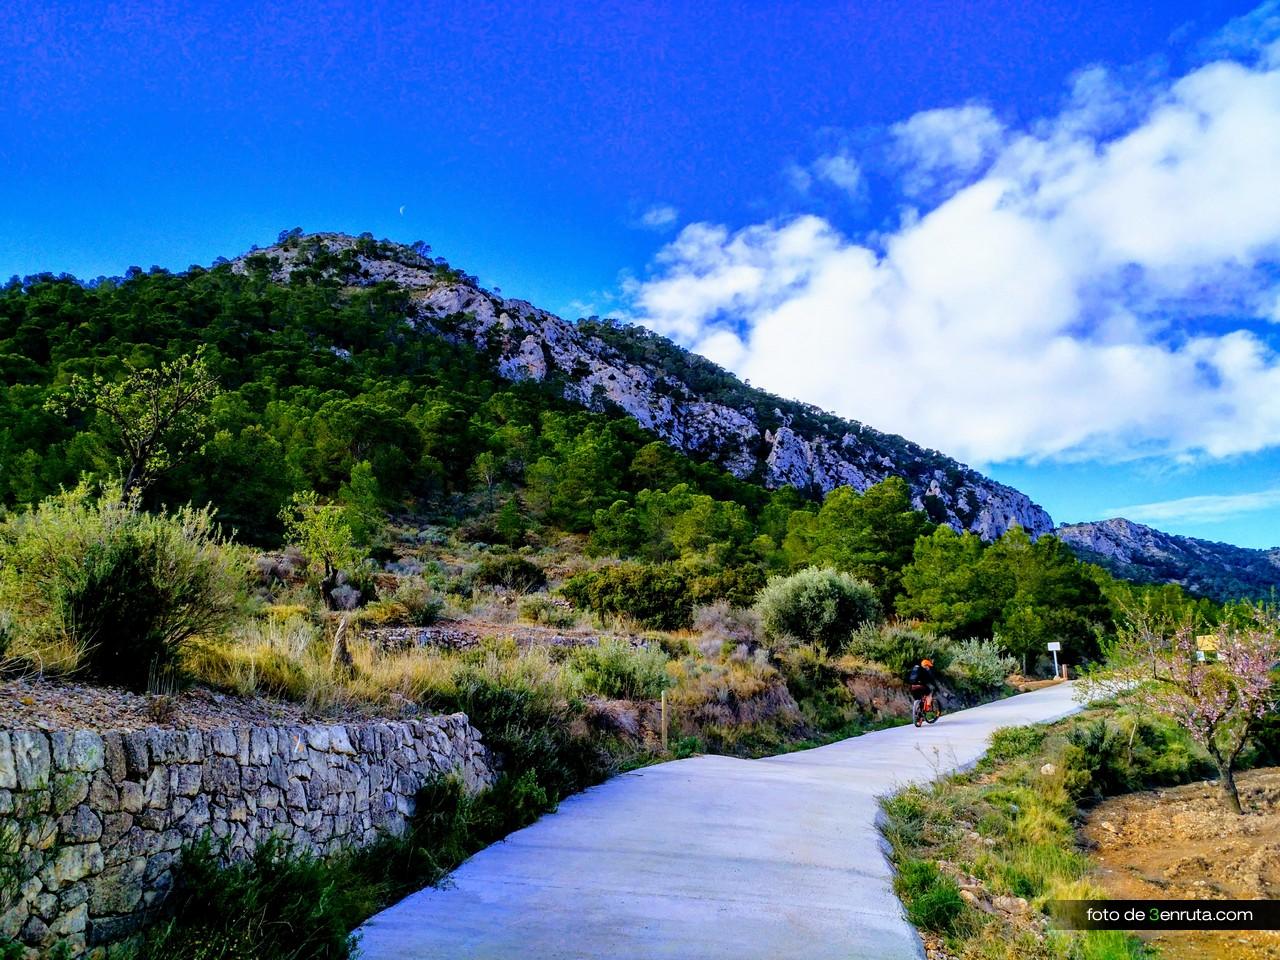 Nos dirigimos al Barranco de la Caseta